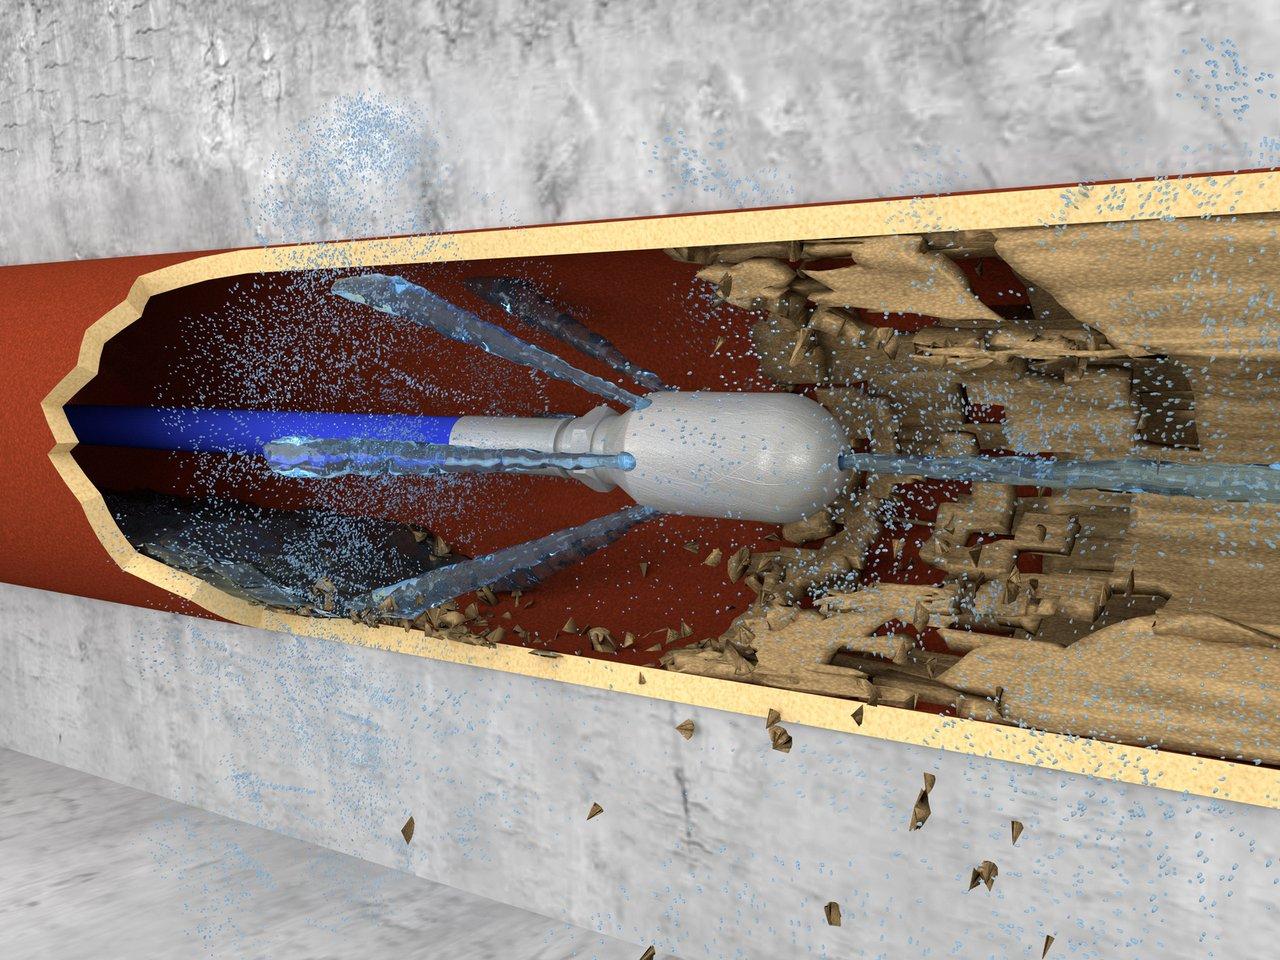 kanalreinigung pr fung von wasser und gasleitungen peter hamer gmbh. Black Bedroom Furniture Sets. Home Design Ideas